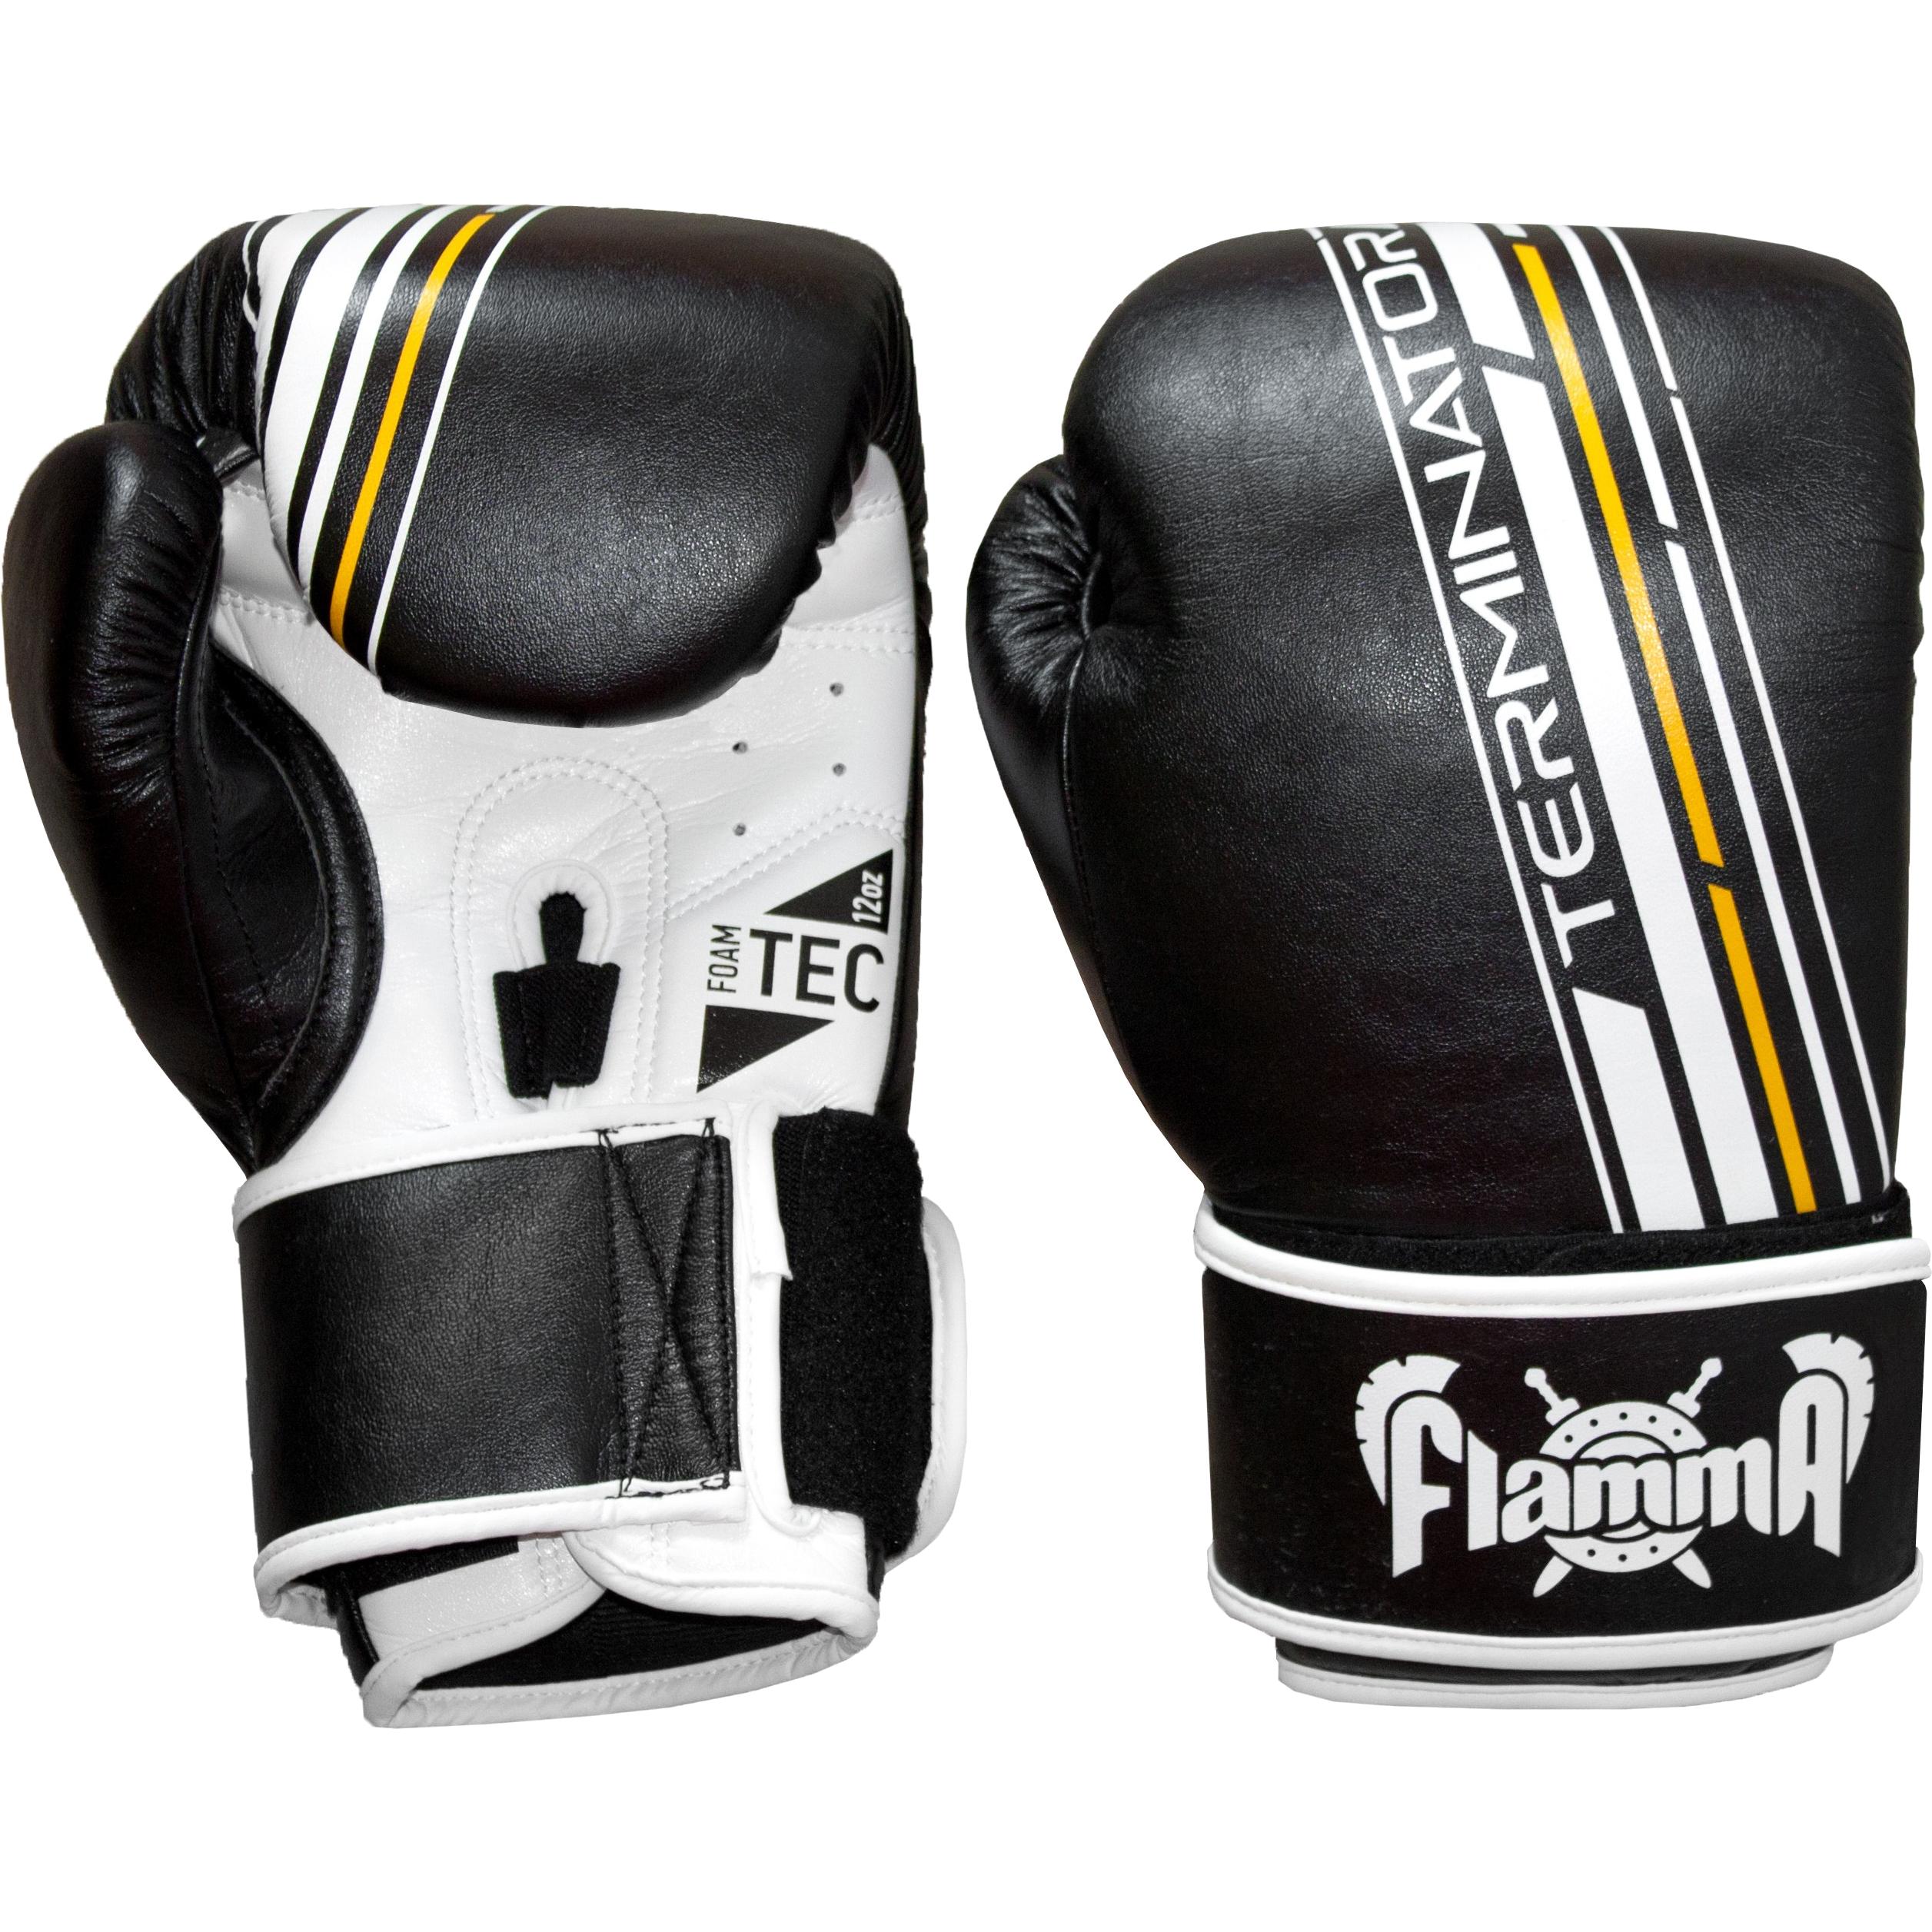 Купить Спортивные перчатки ММА, боксерские, снарядные, для тайского бокса, Перчатки Flamma, Flamma